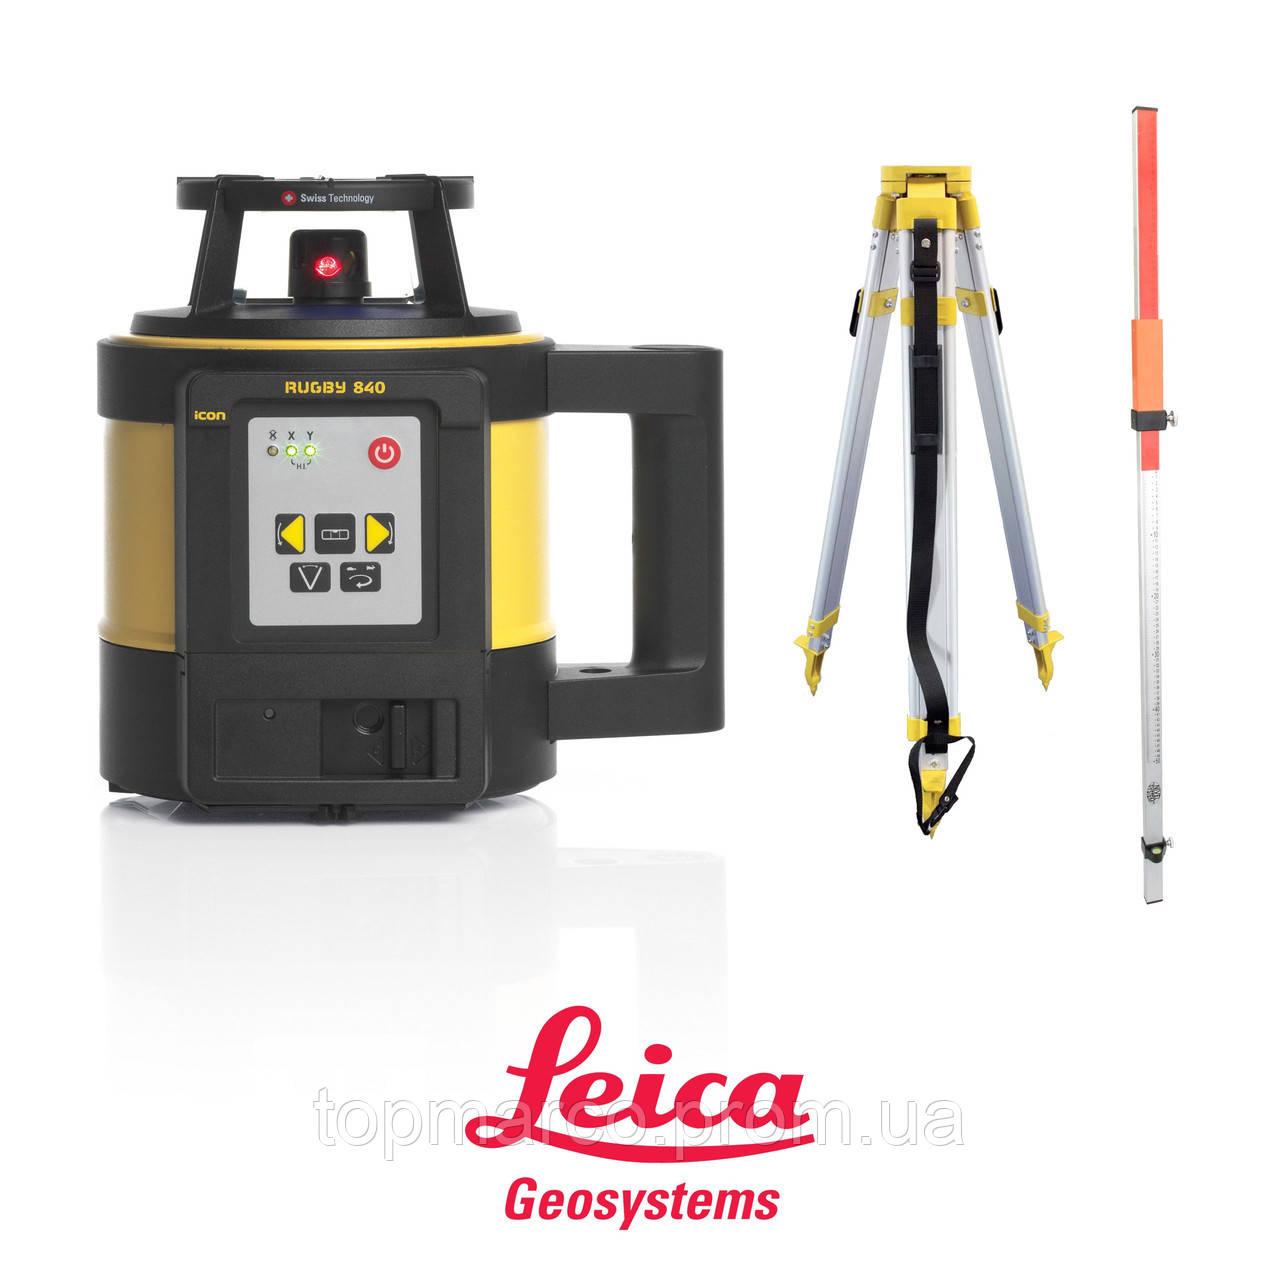 Лазерный нивелир Leica Rugby 840 RE180 + батарея и пульт дистанционног